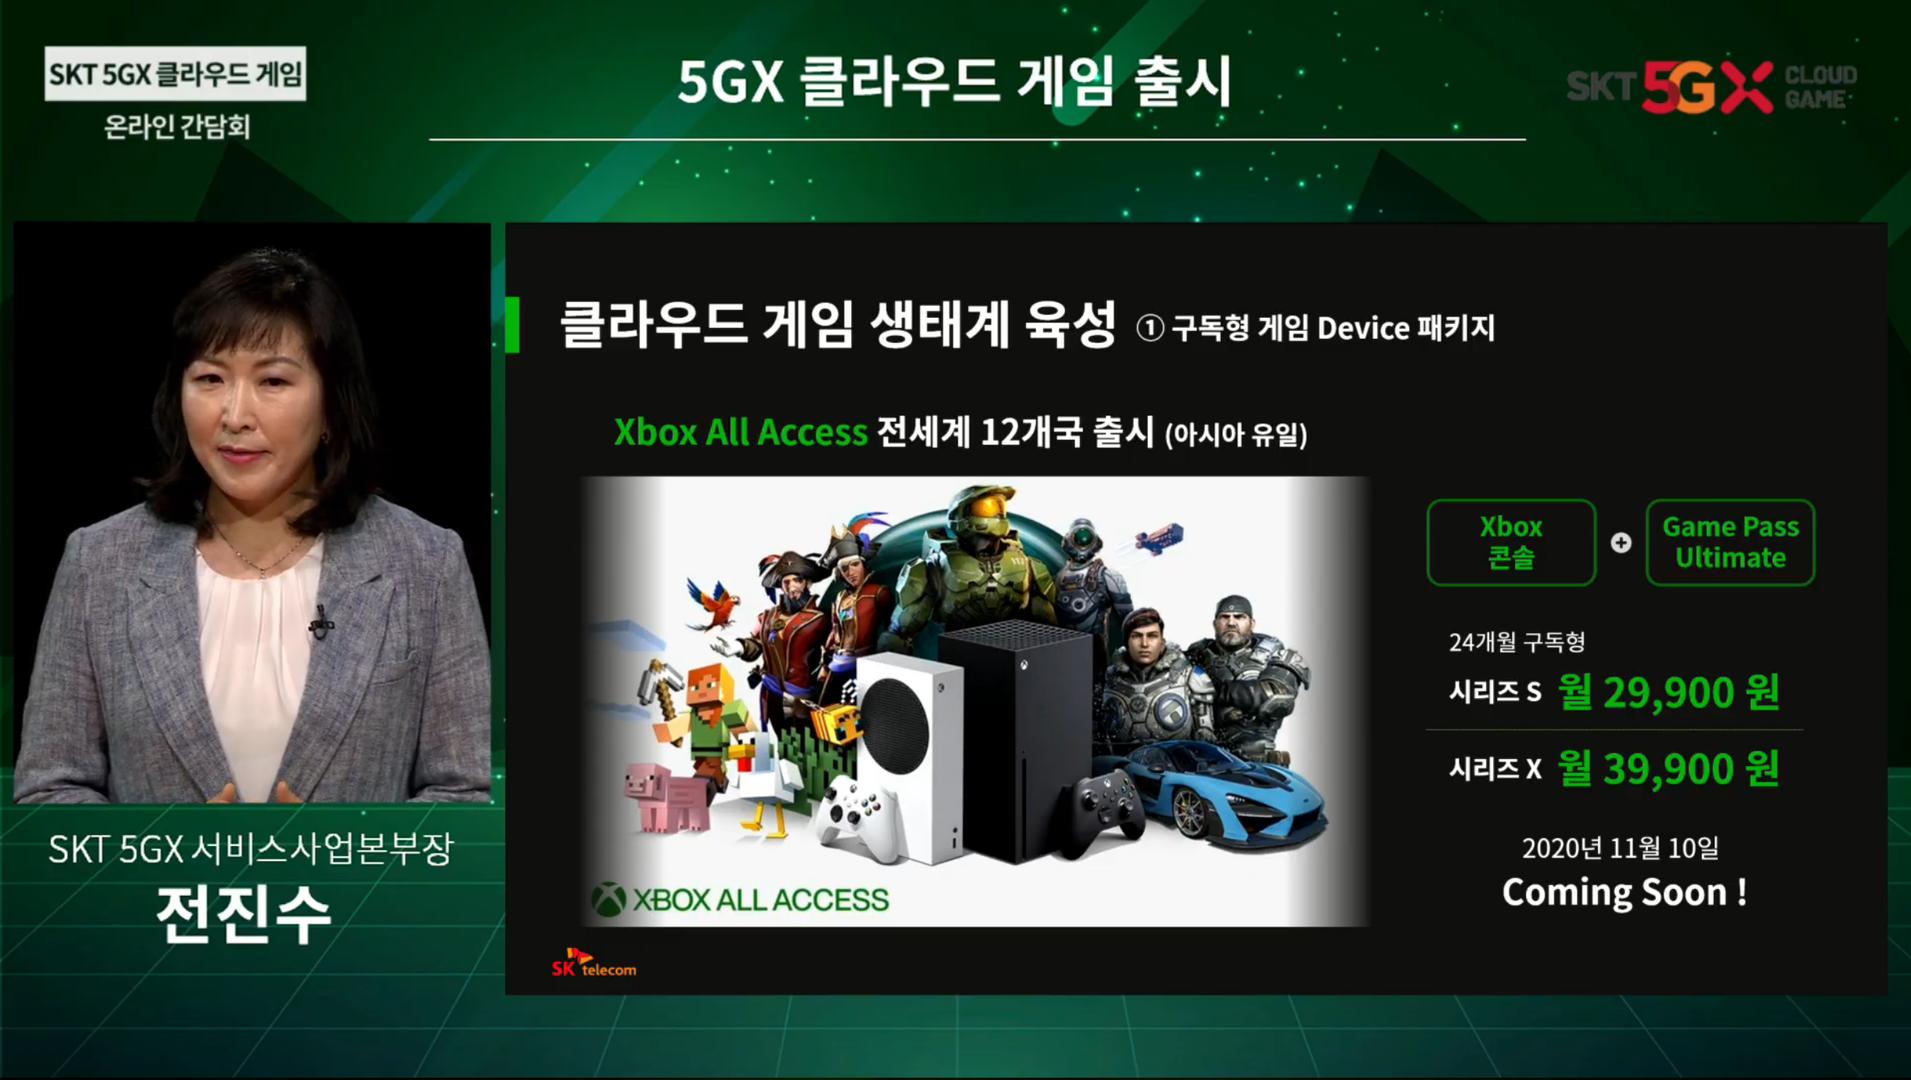 SKT 5GX 서비스 구독형 패키지